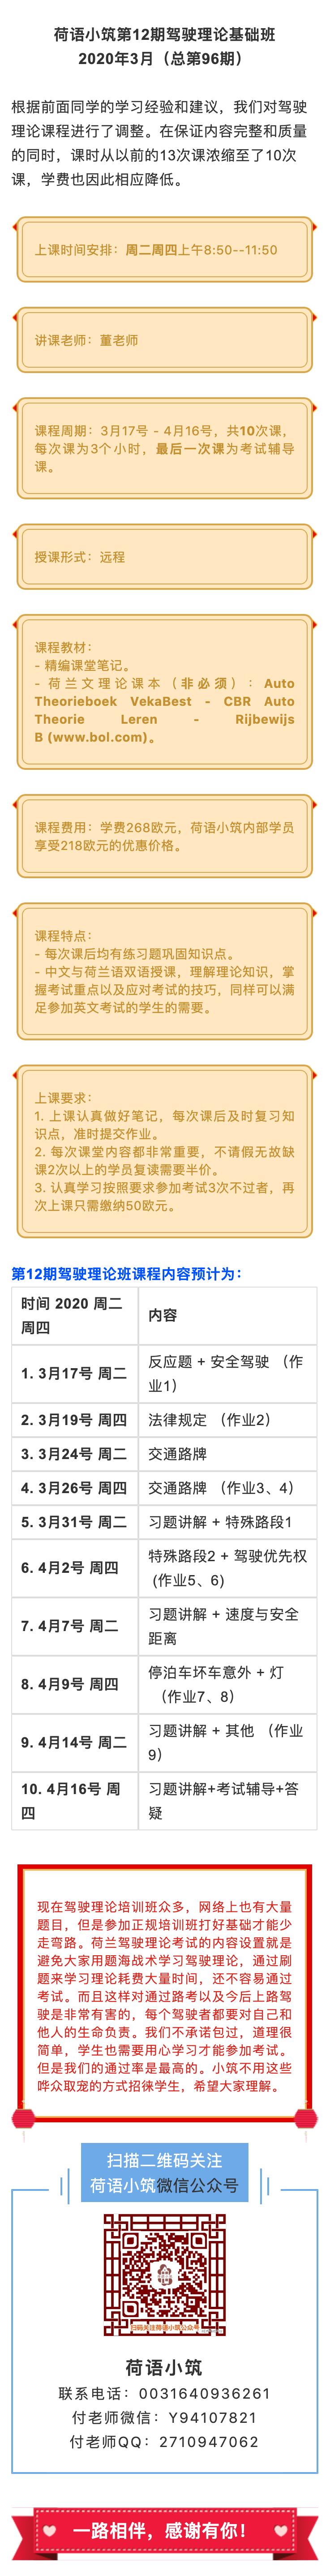 【荷语小筑】2020年3月第12期驾驶理论报名占位啦!(总第96期)